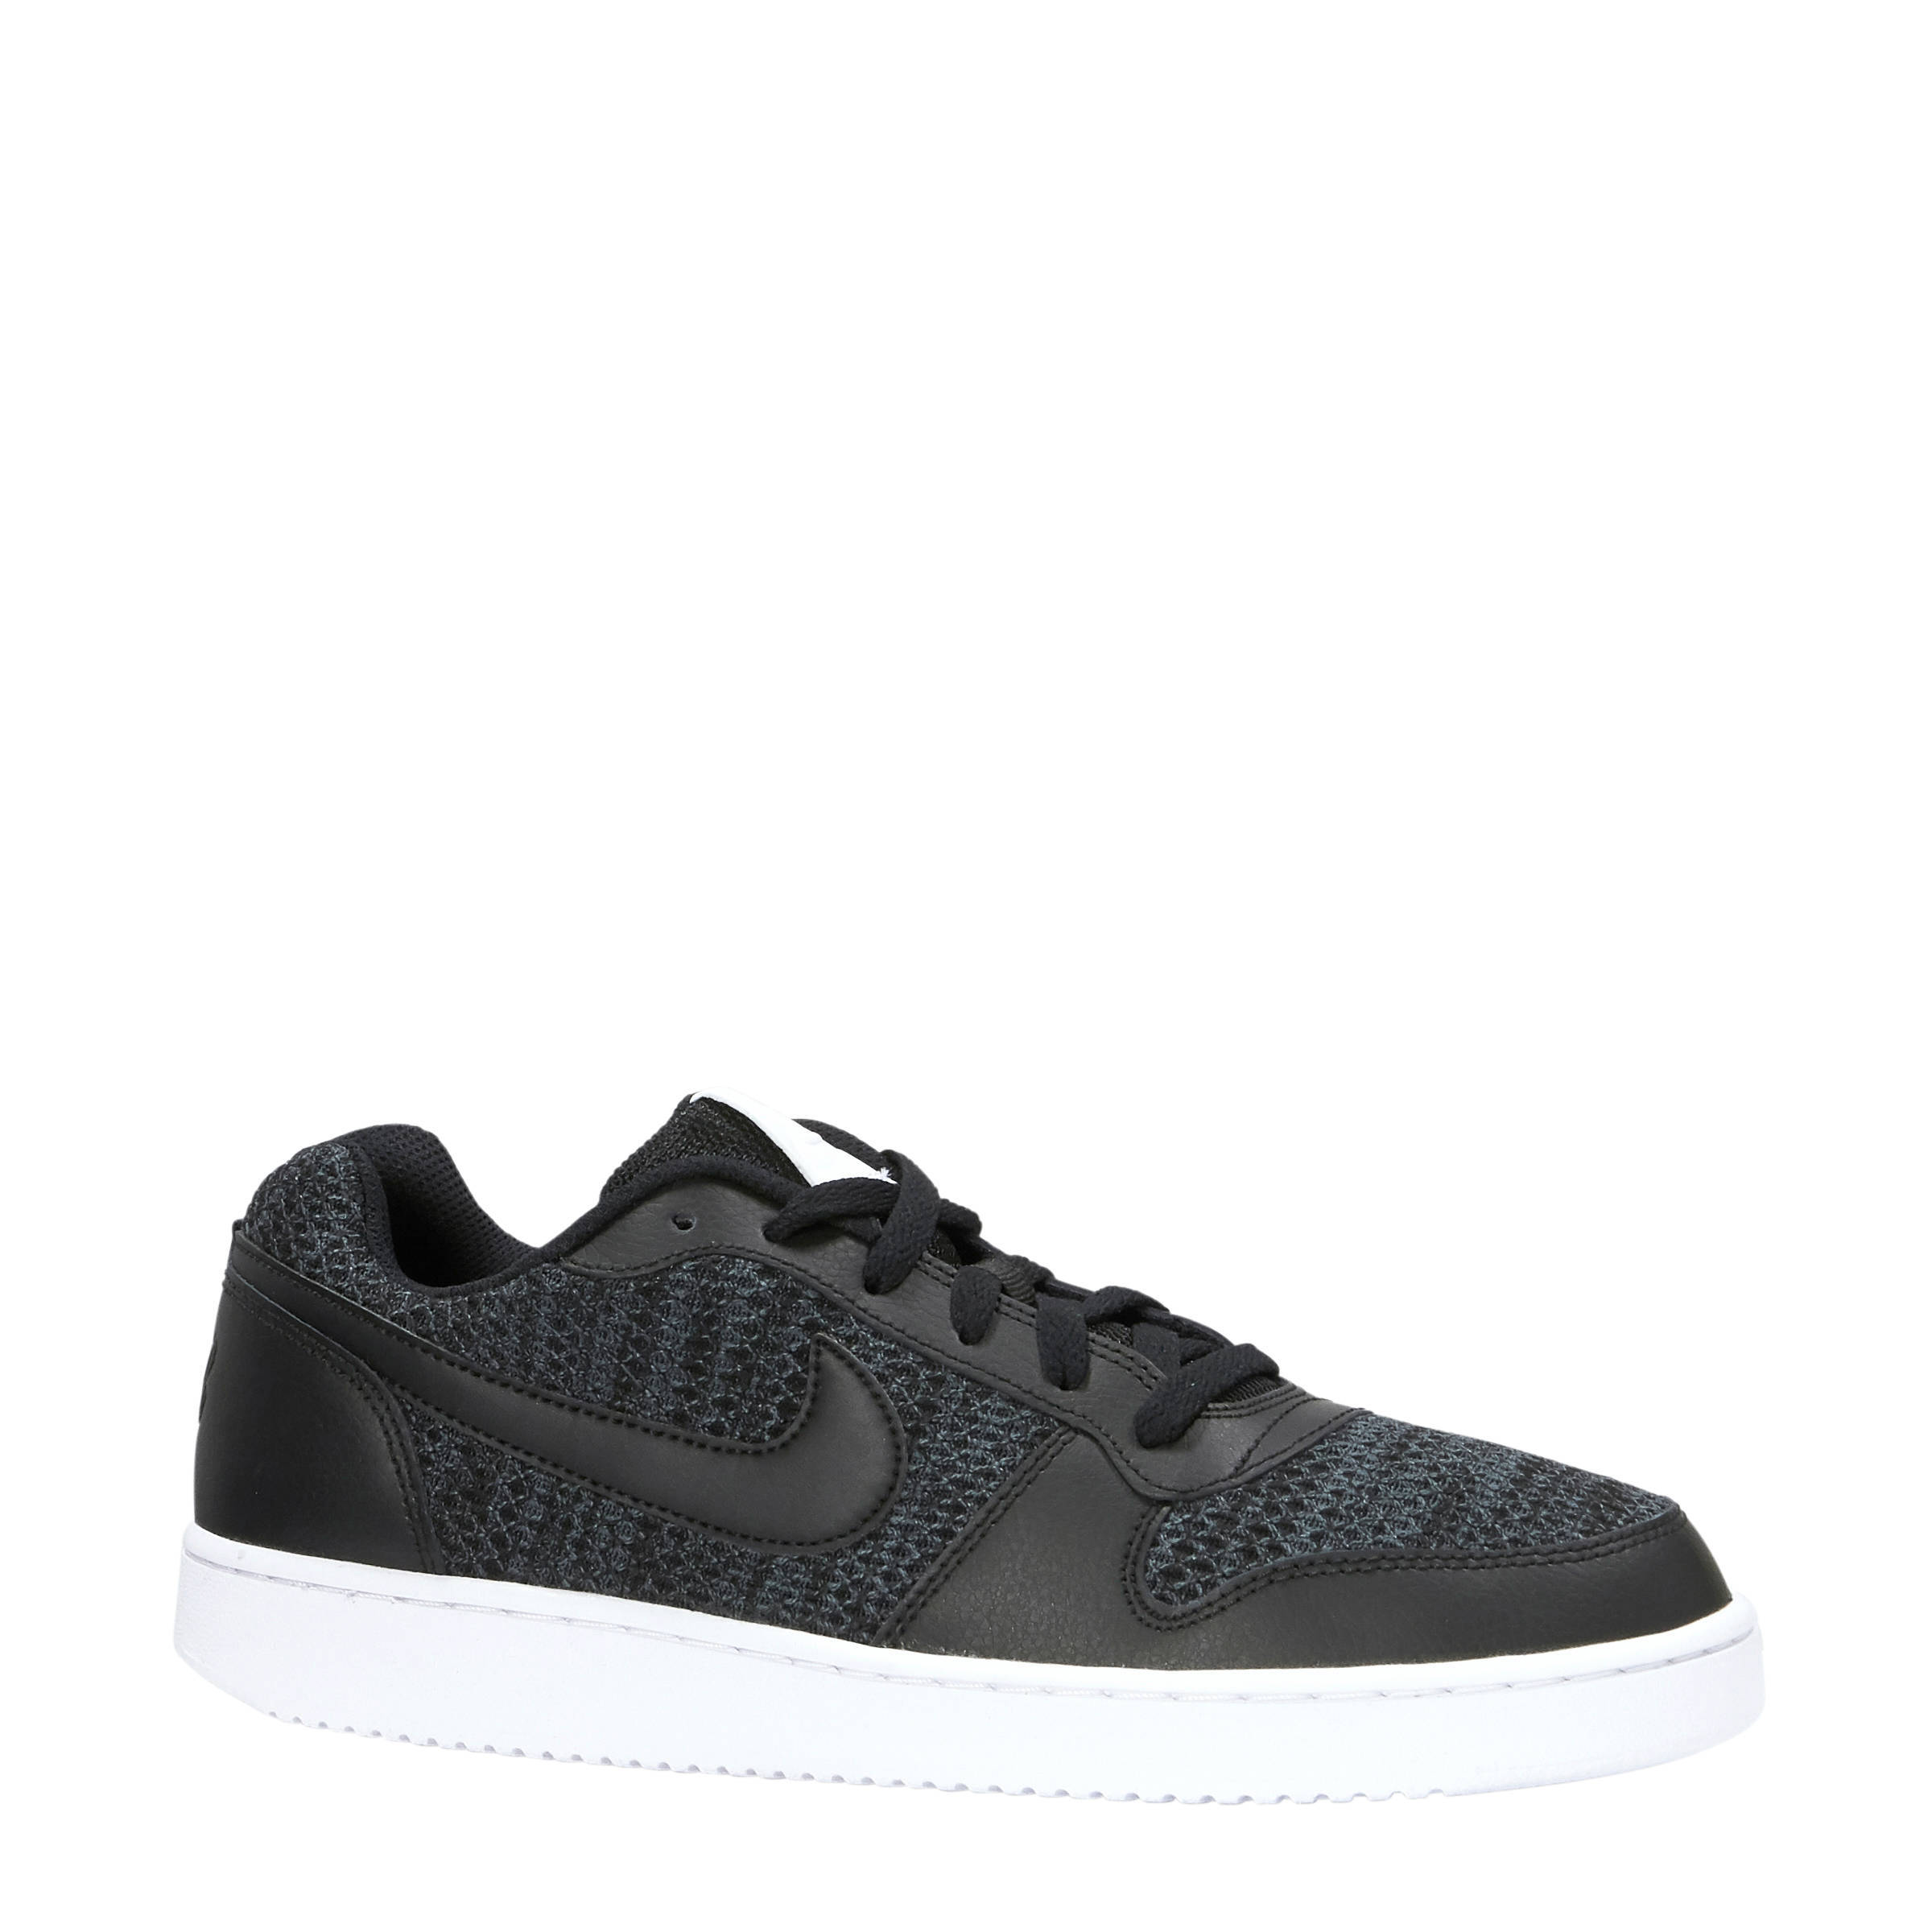 aa45a6a1689 nike-ebernon-low-sneakers-donkergrijs-zwart-grijs-0887231222261.jpg